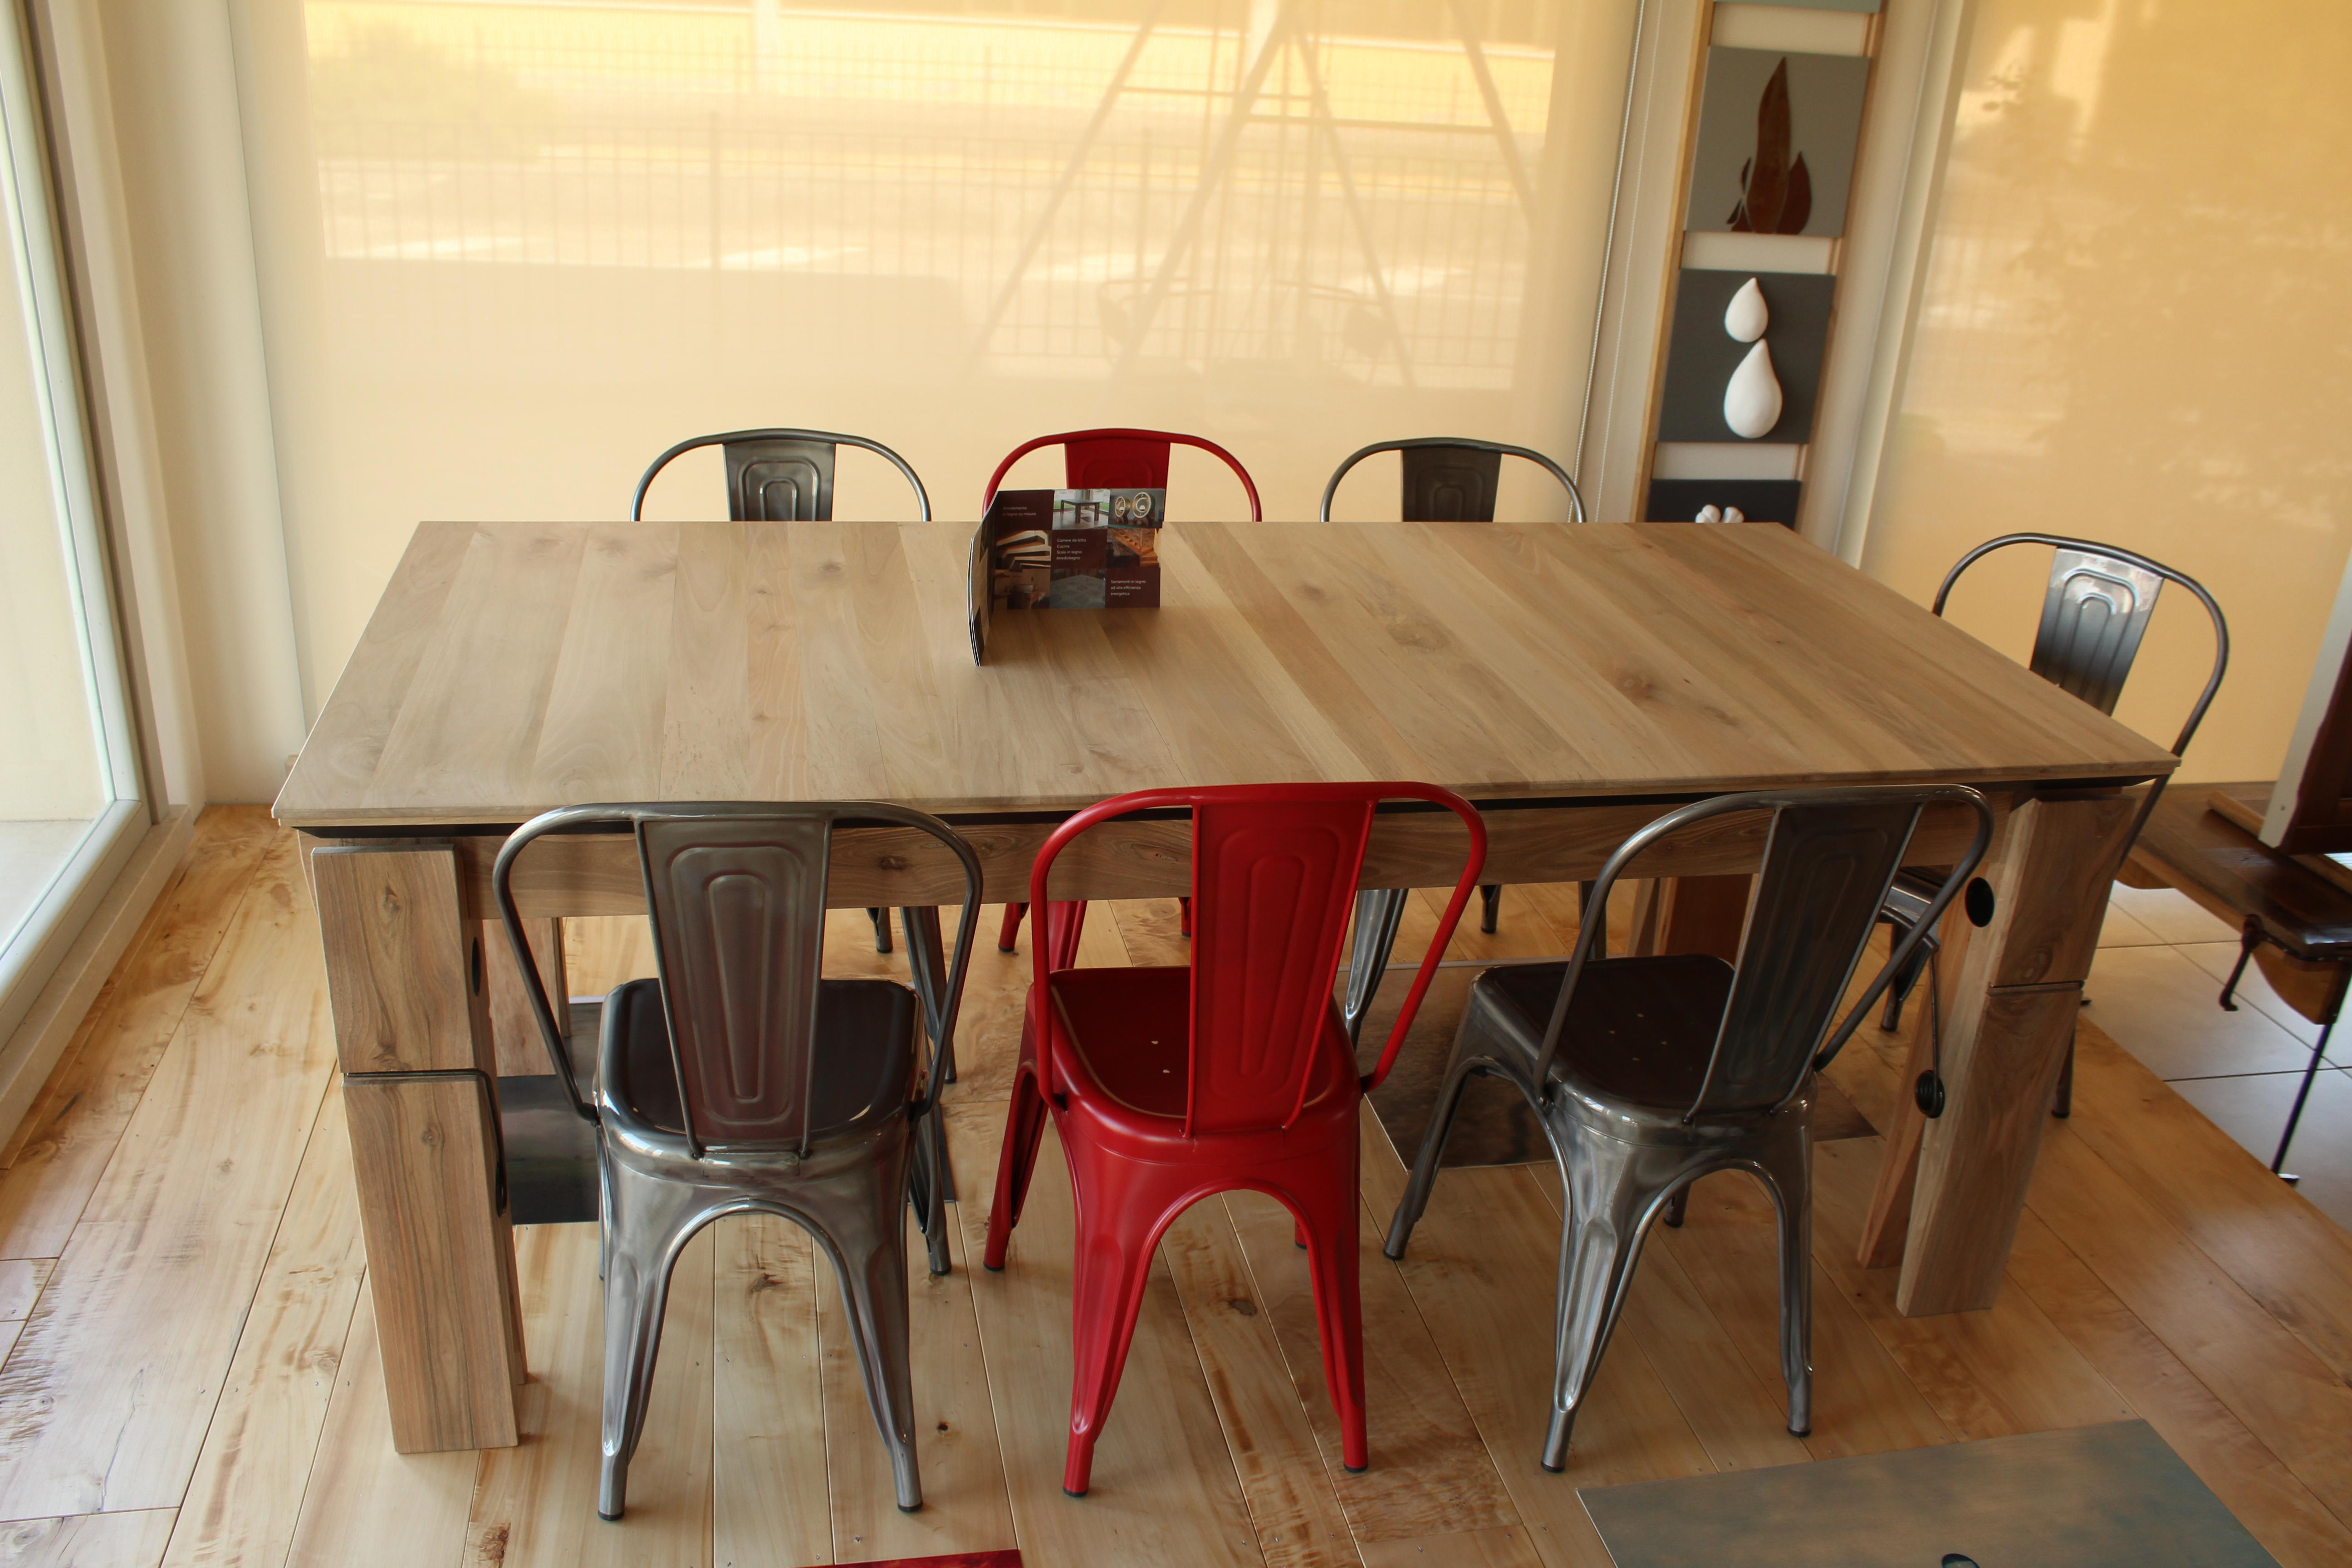 Tavoli E Sedie In Legno Massello Per Arredamenti Classici O Moderni  #A12A2D 5184 3456 Tavoli E Sedie Da Cucina Moderni